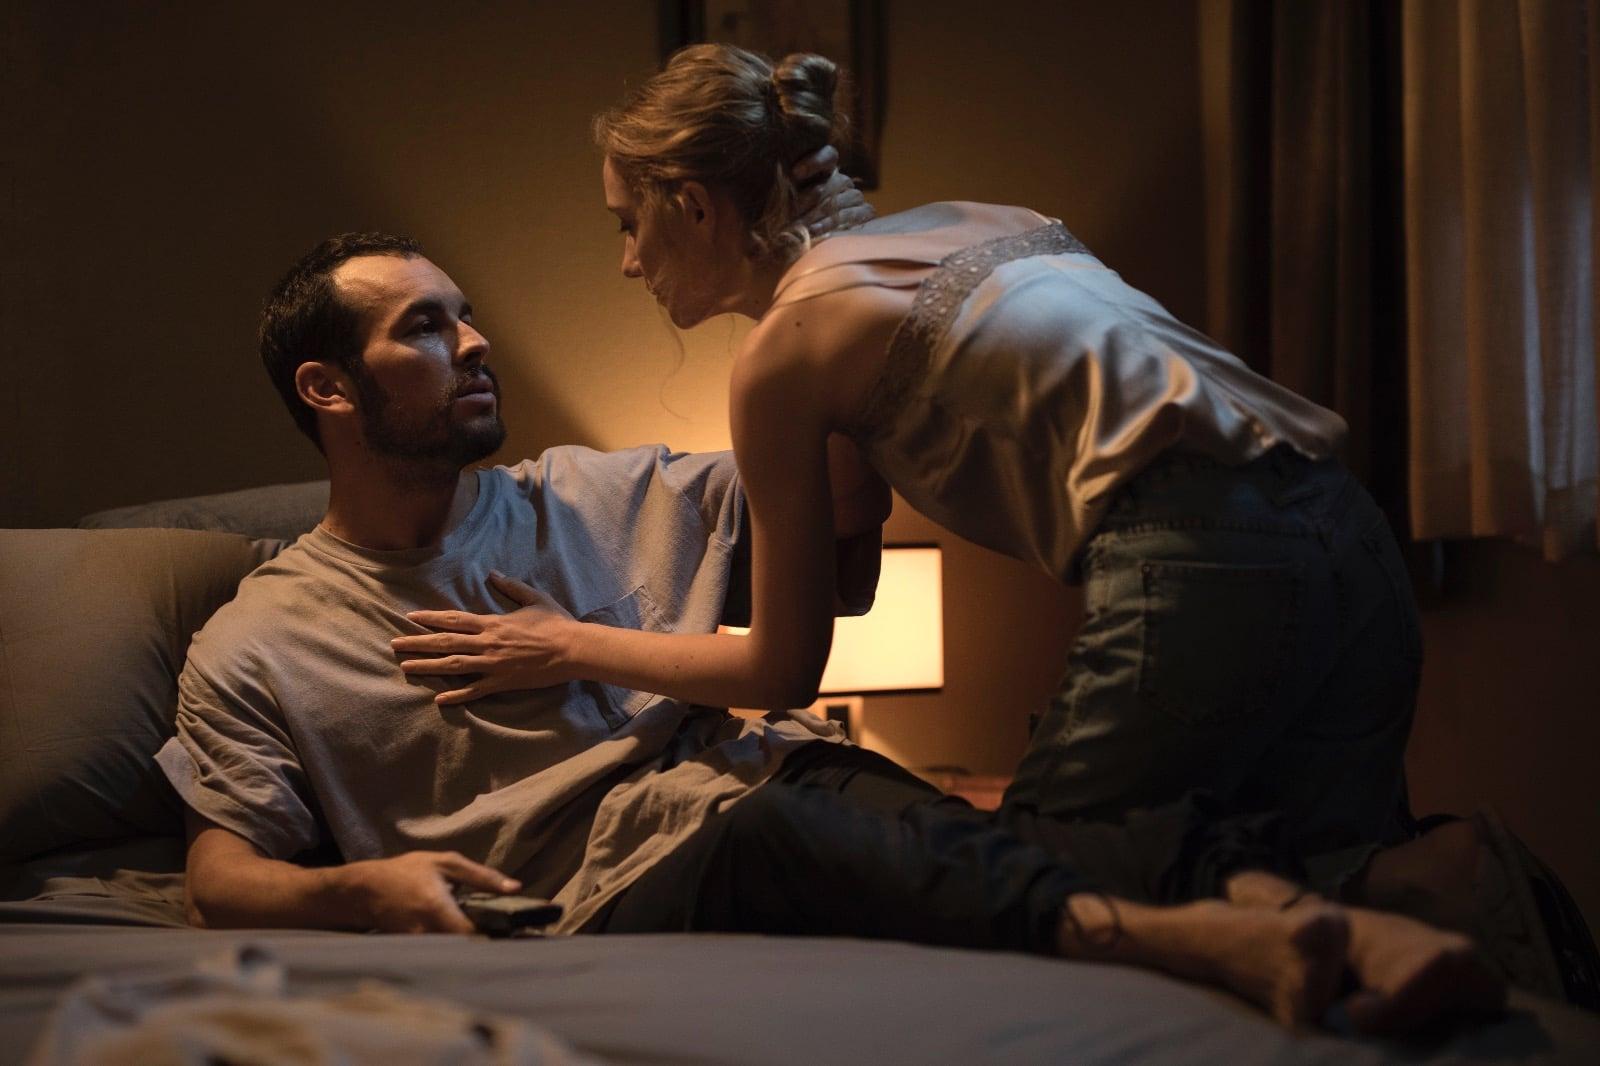 Irrémédiable : Faut-il voir ce nouveau thriller espagnol avec Mario Casas, disponible sur Netflix ?